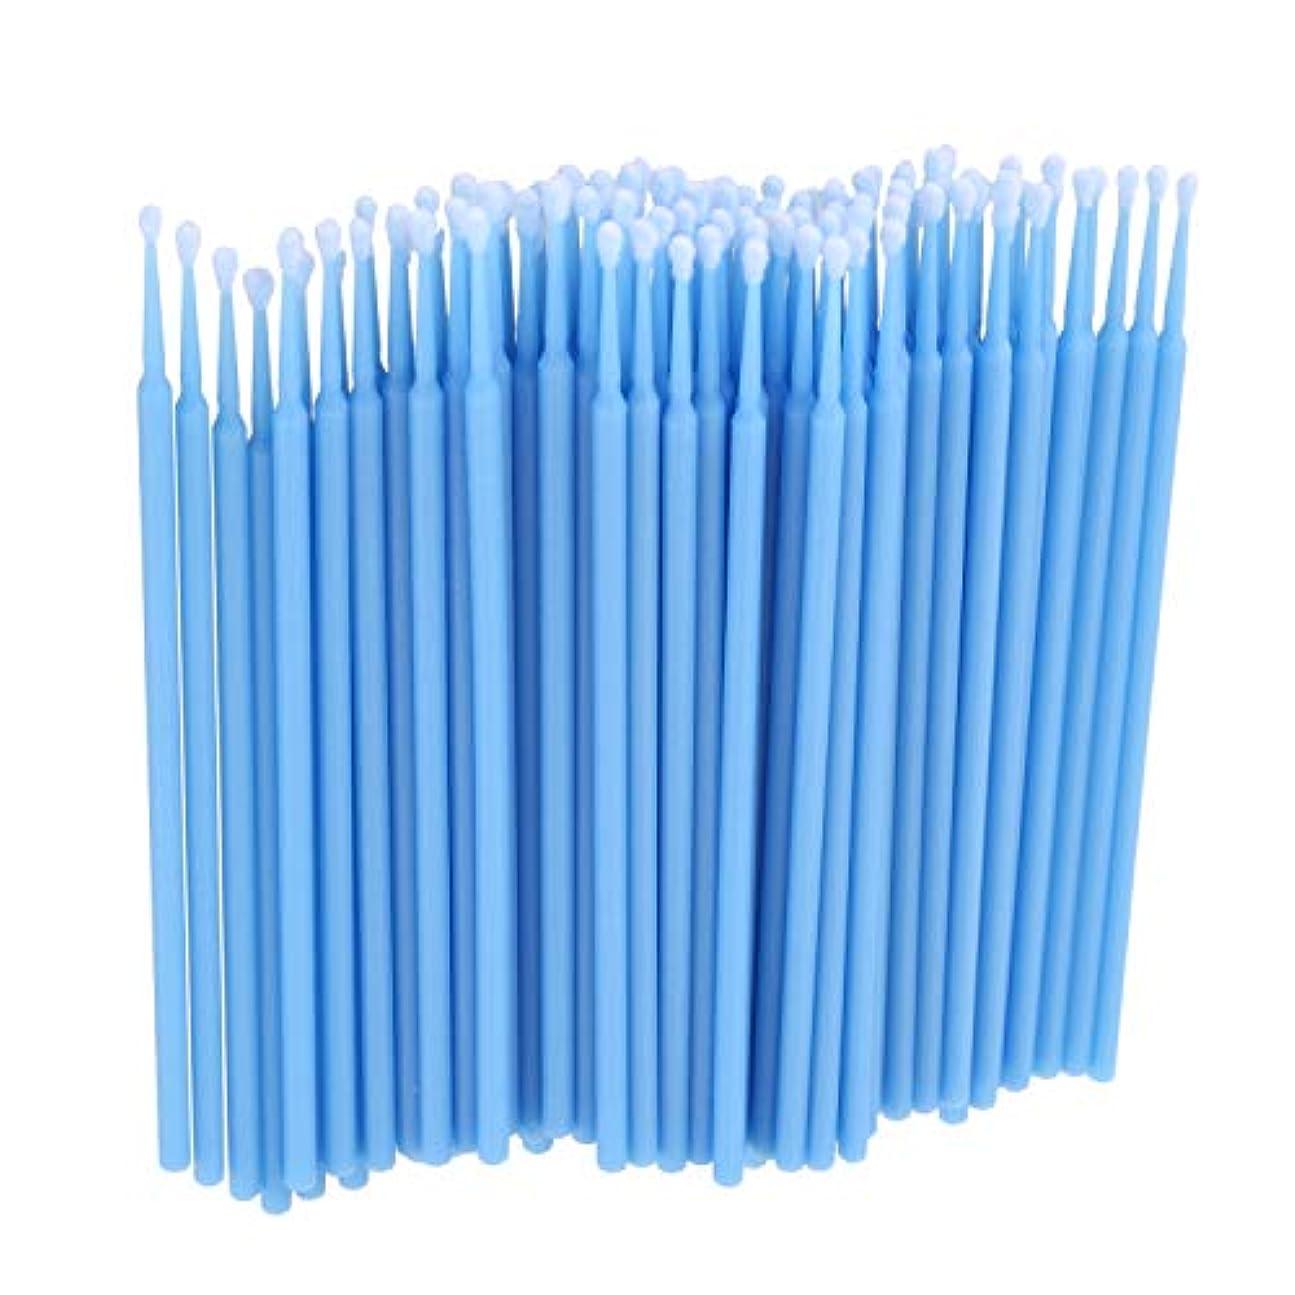 故意にラウンジ影響するTOOGOO 100個 歯科用マイクロブラシ 使い捨て材料 歯用アプリケーター ミディアムファイン(ライトブルー)